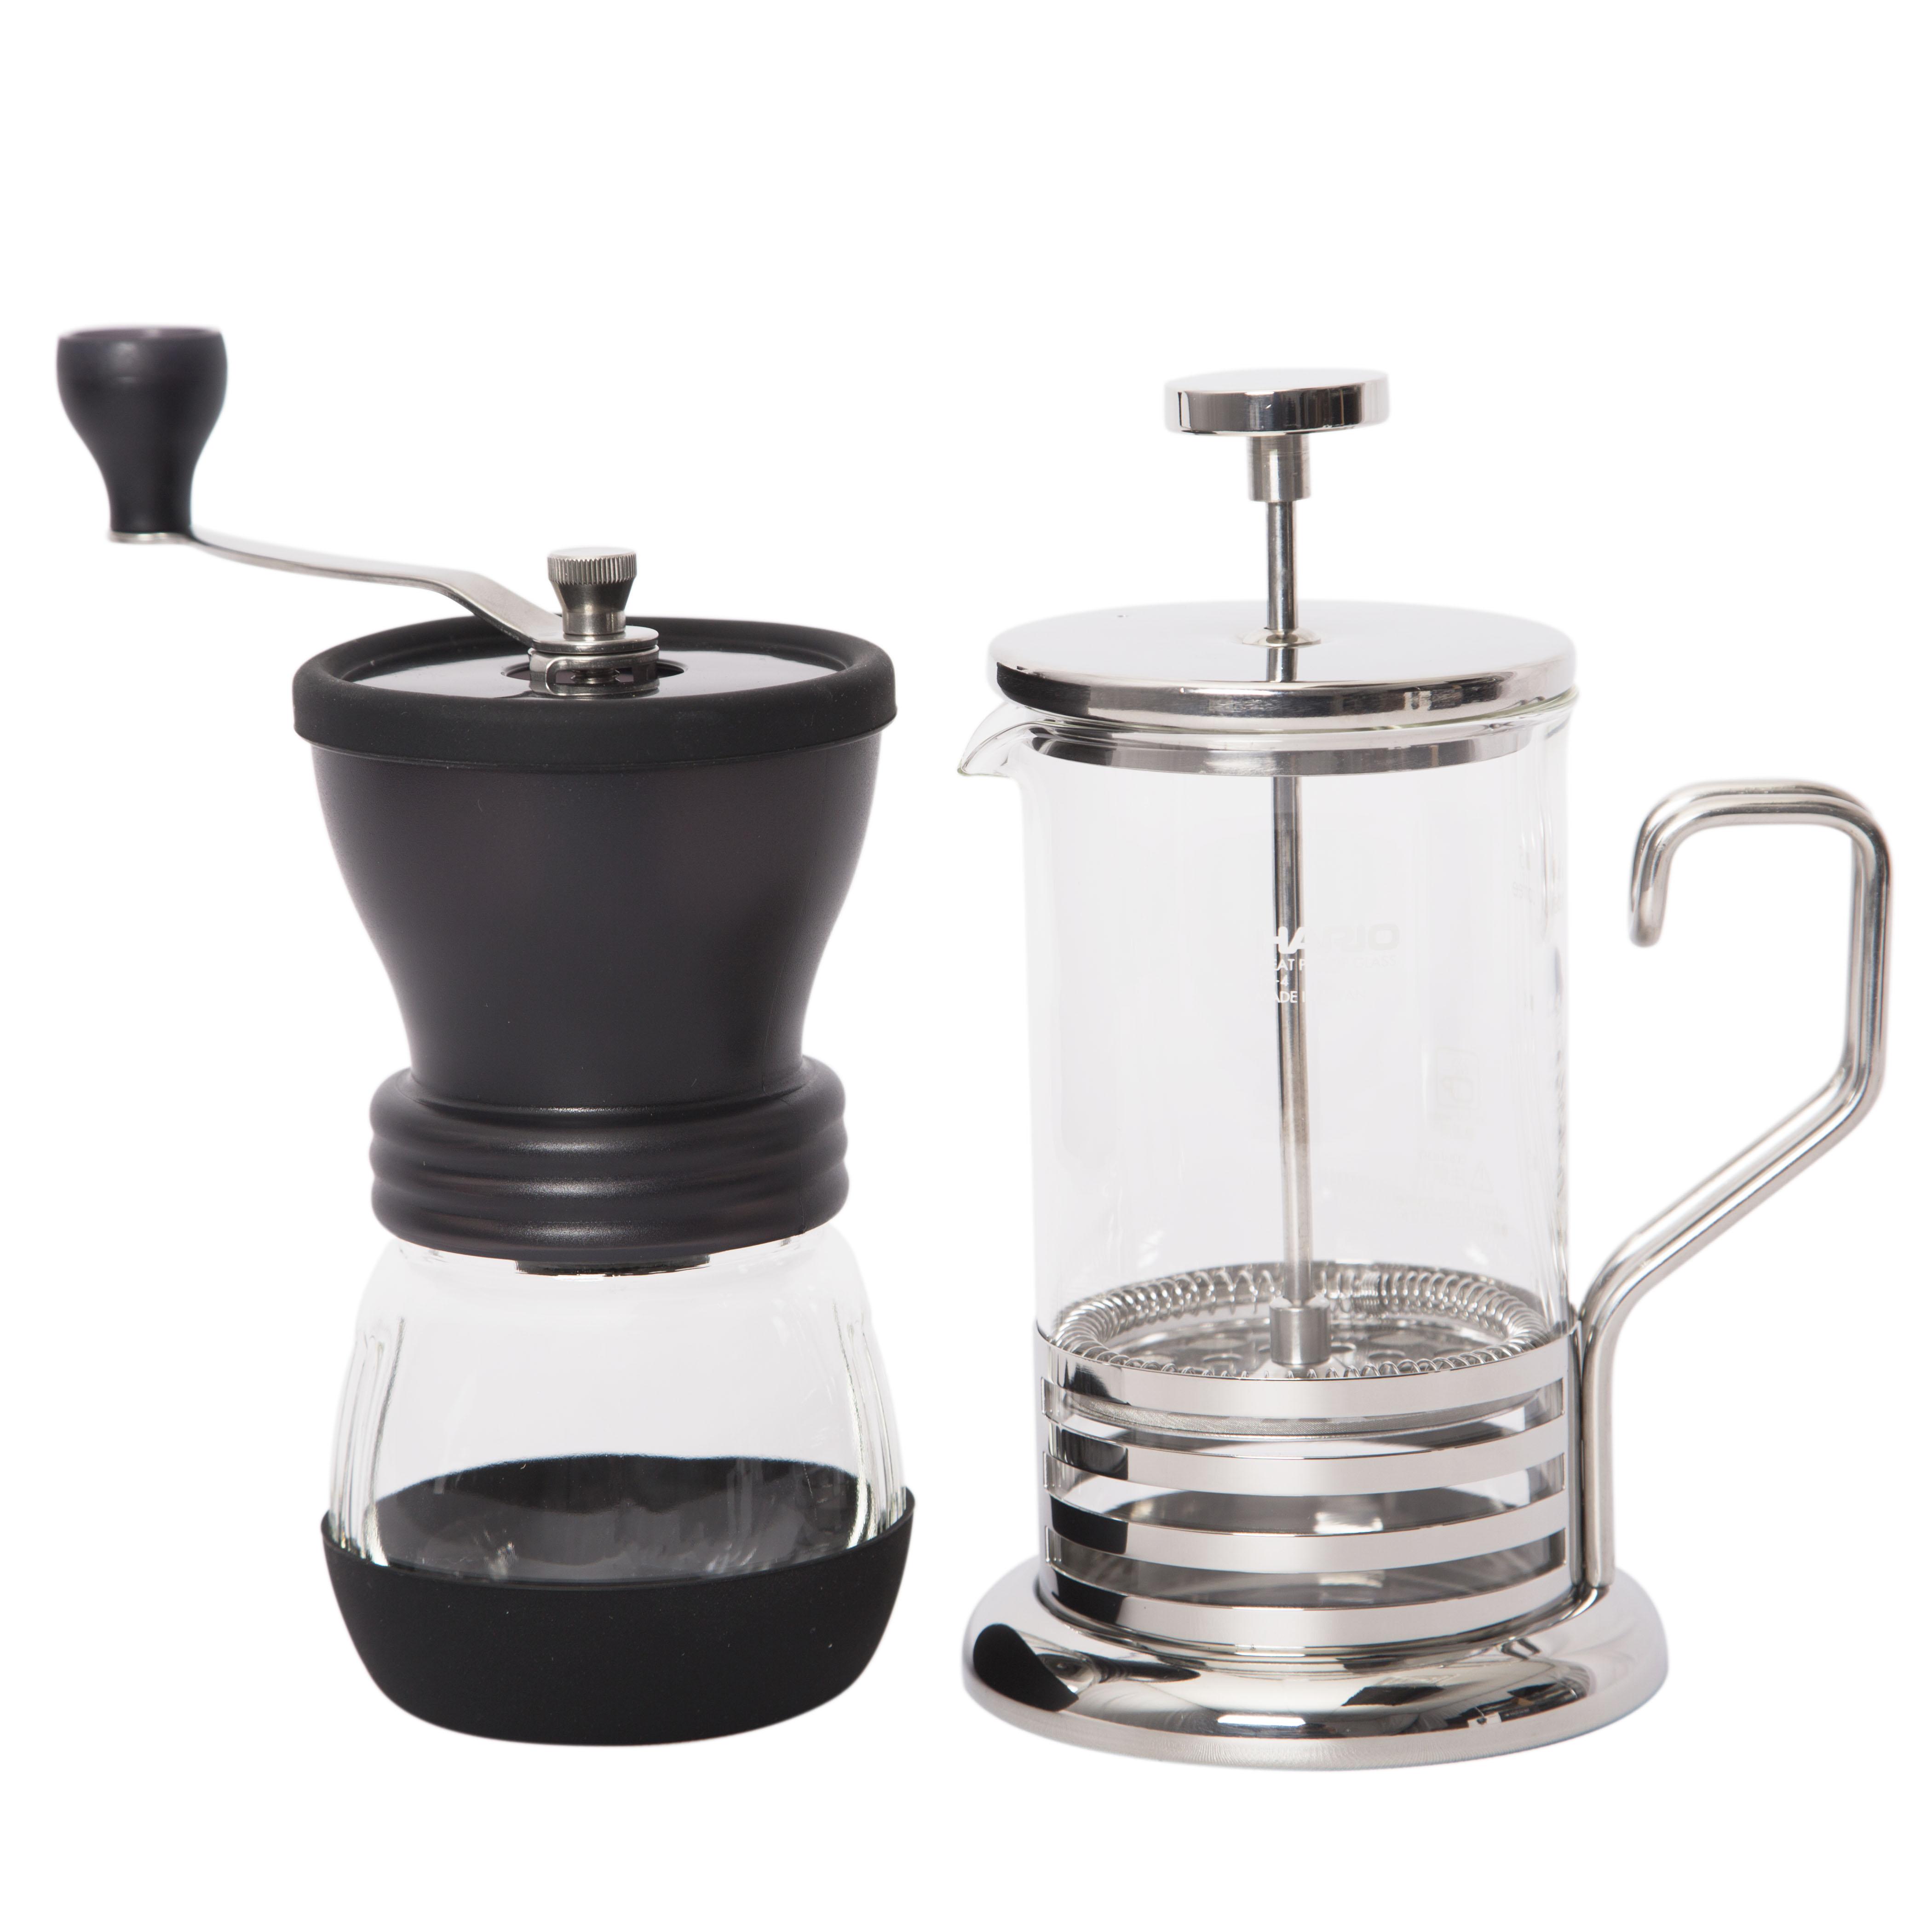 Hario Metal Coffee Press and Skerton Plus Grinder